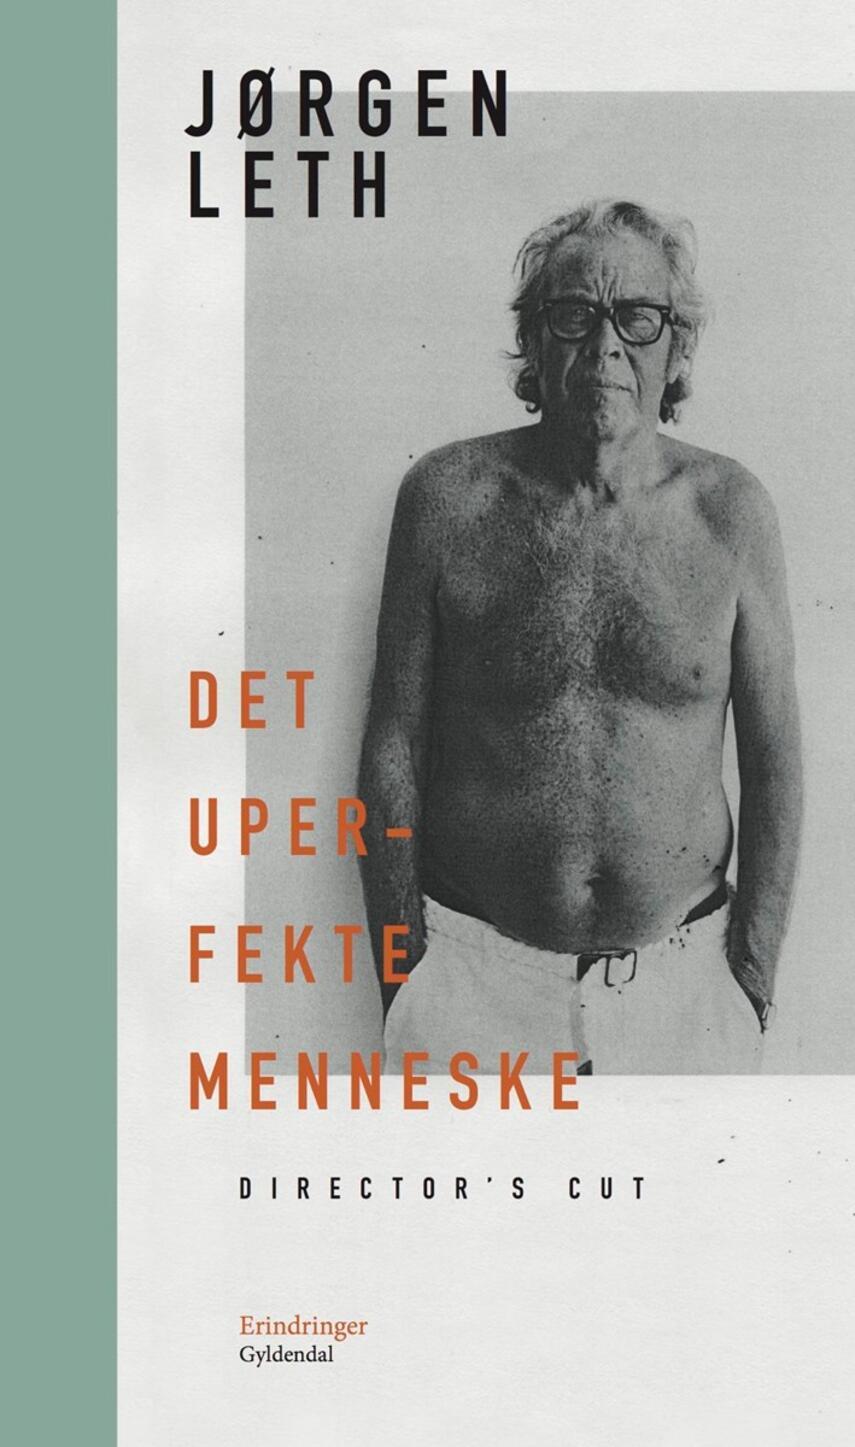 Jørgen Leth: Det uperfekte menneske - director's cut : erindringer